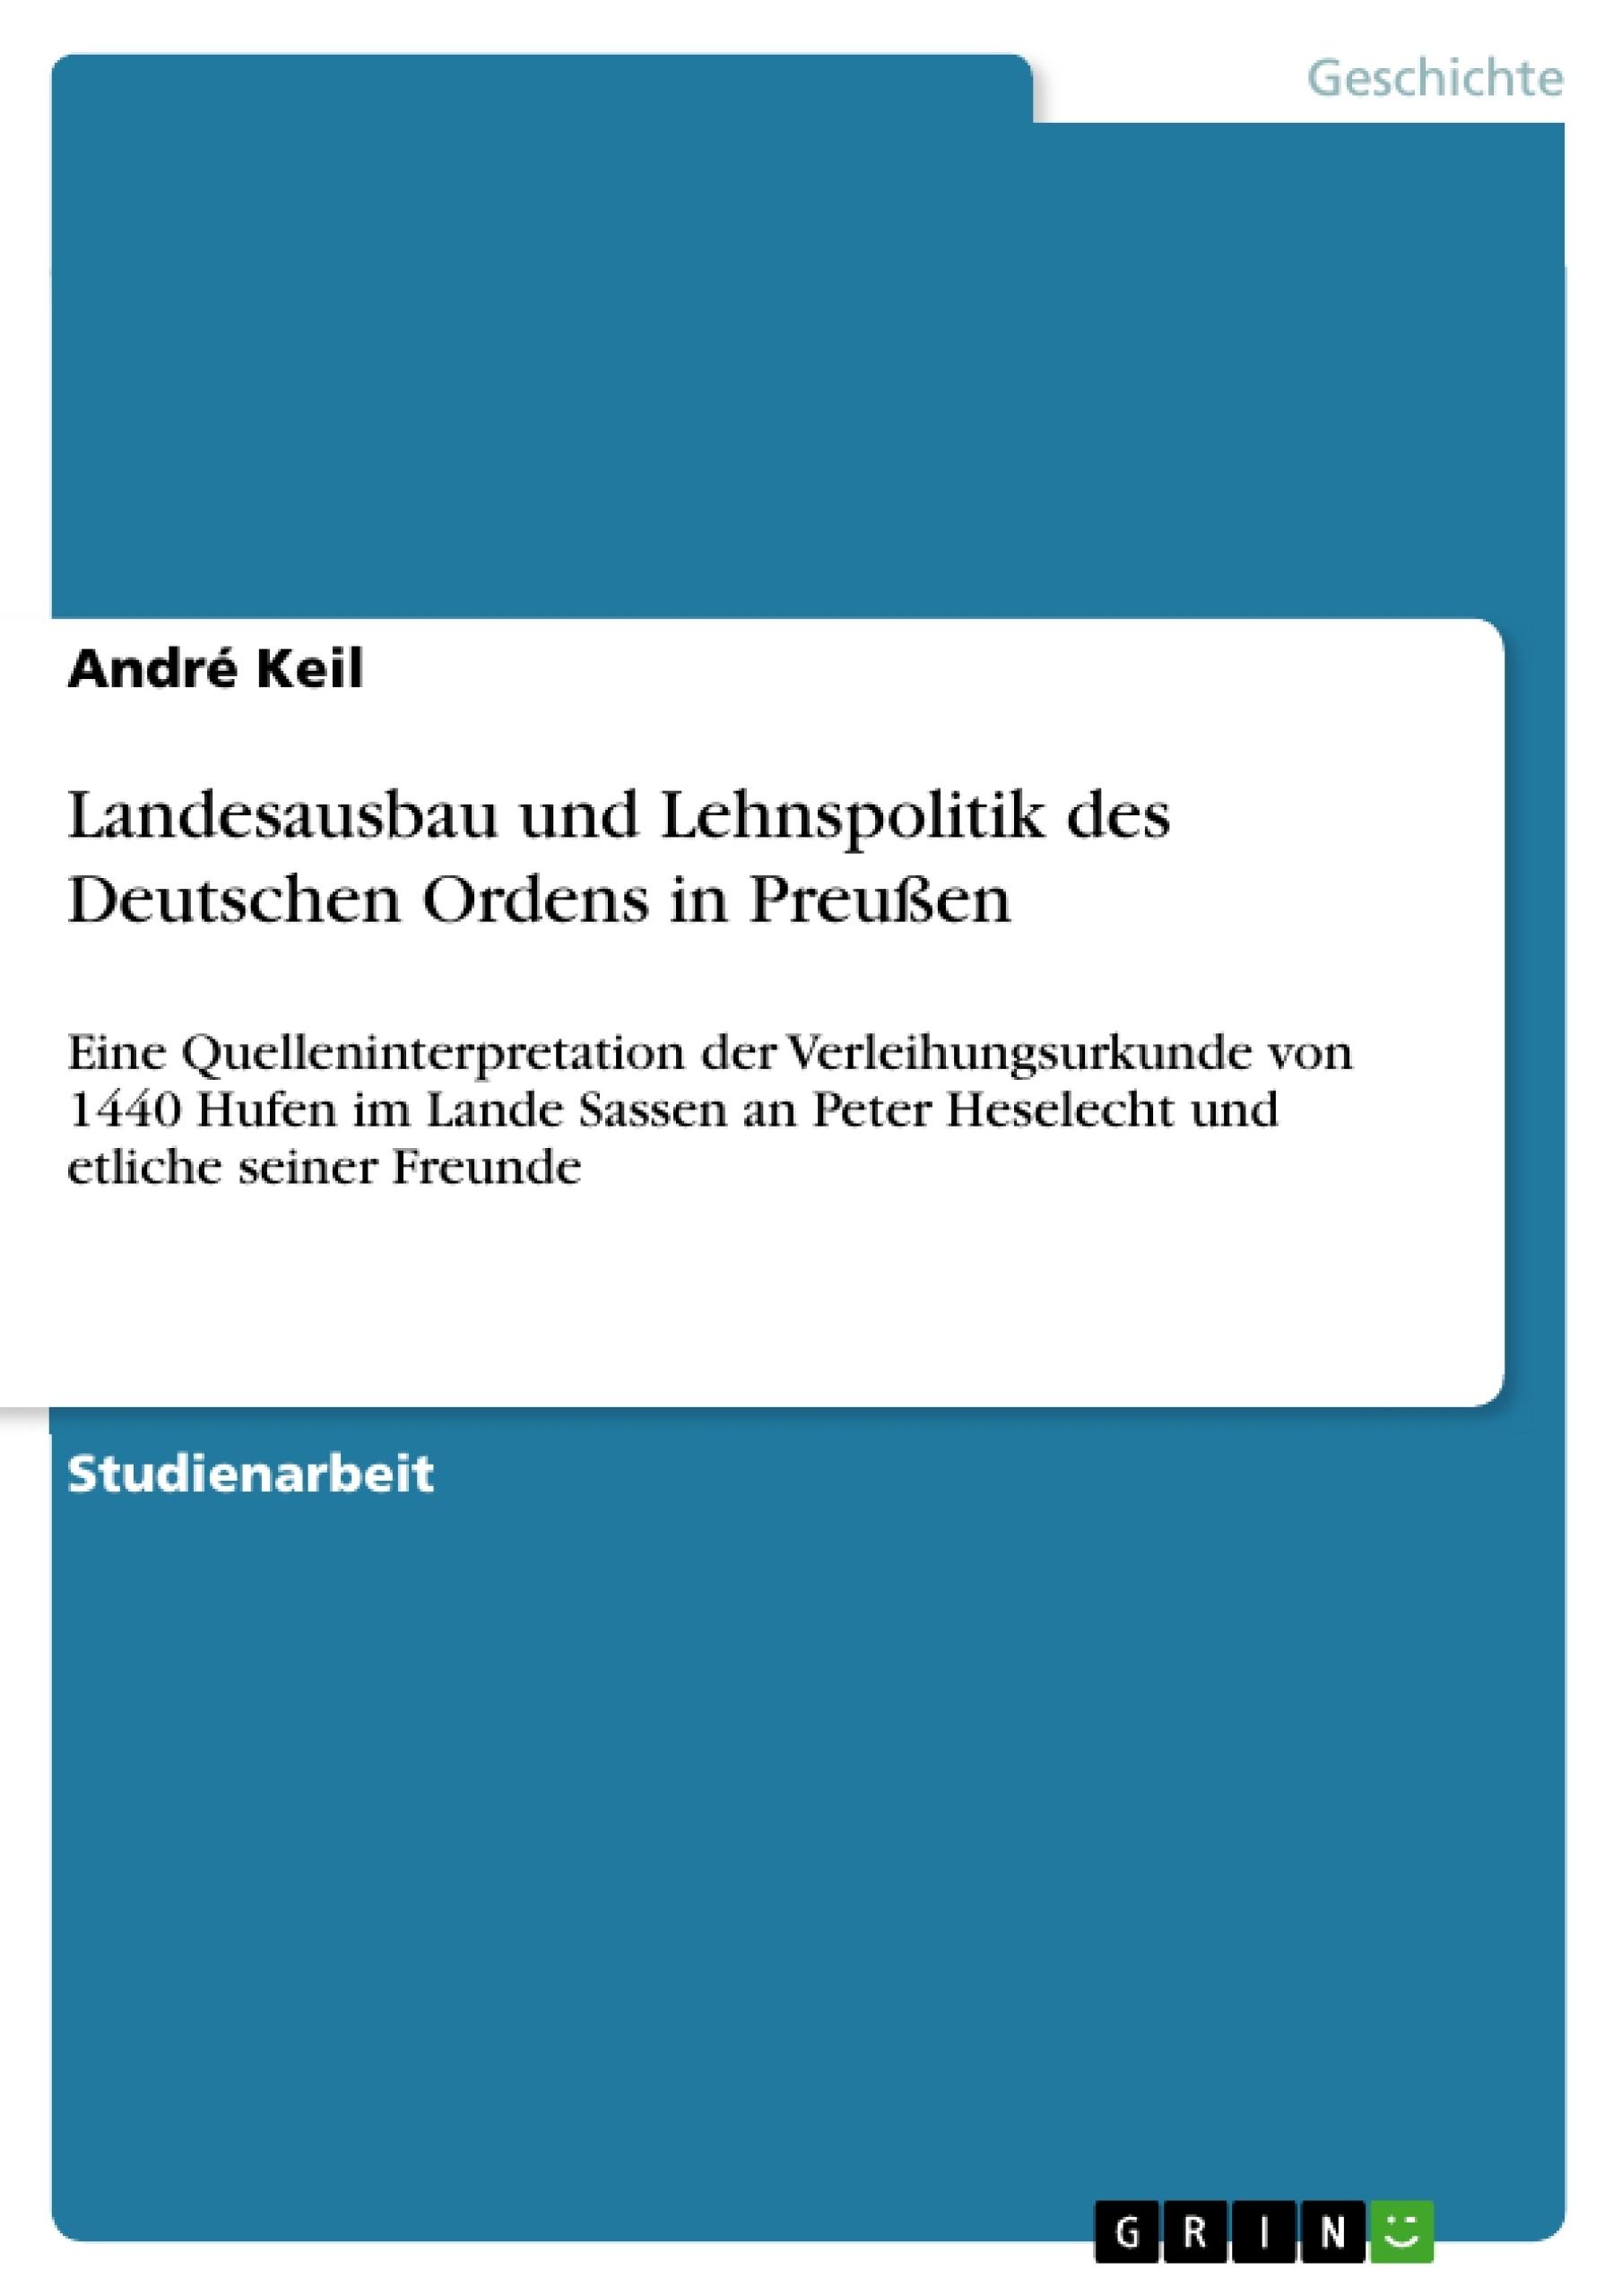 Titel: Landesausbau und Lehnspolitik des Deutschen Ordens in Preußen